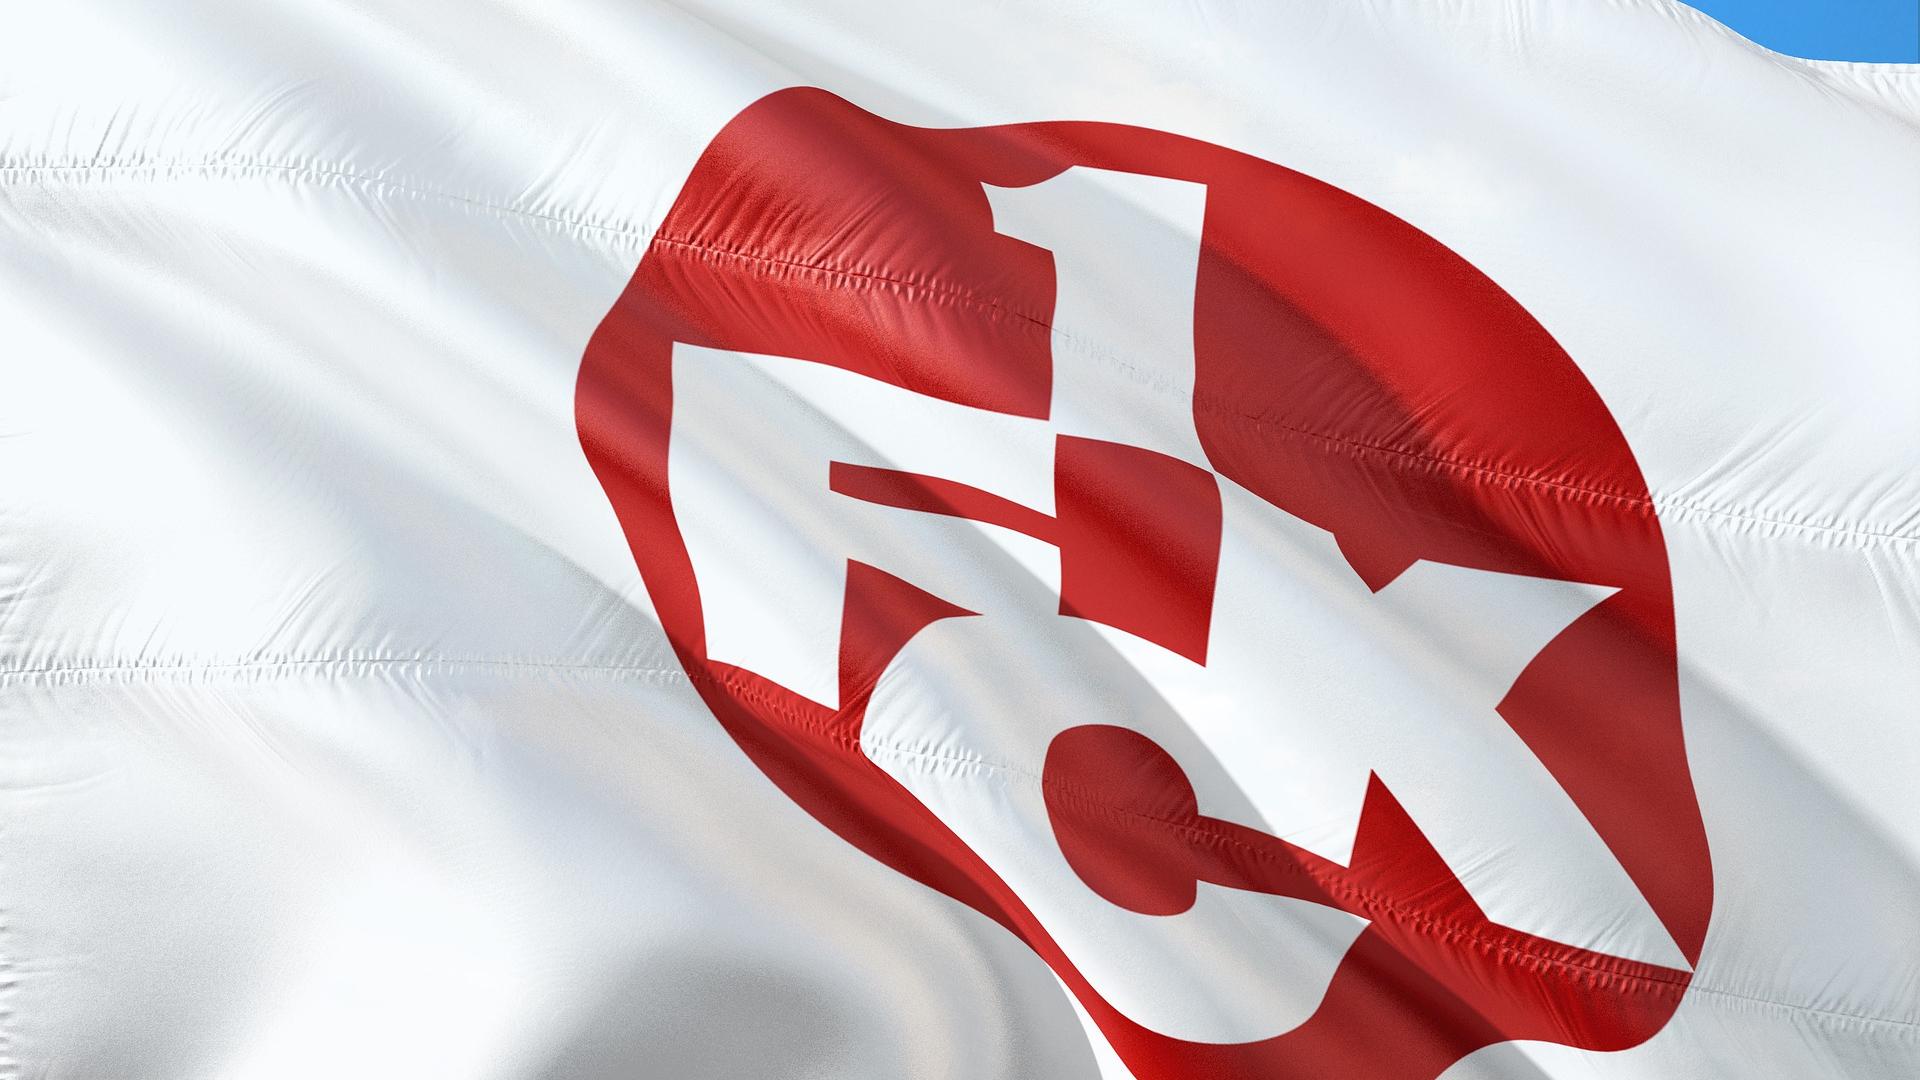 FCK bezieht Stellung zu Weichels Vorschlag-Image